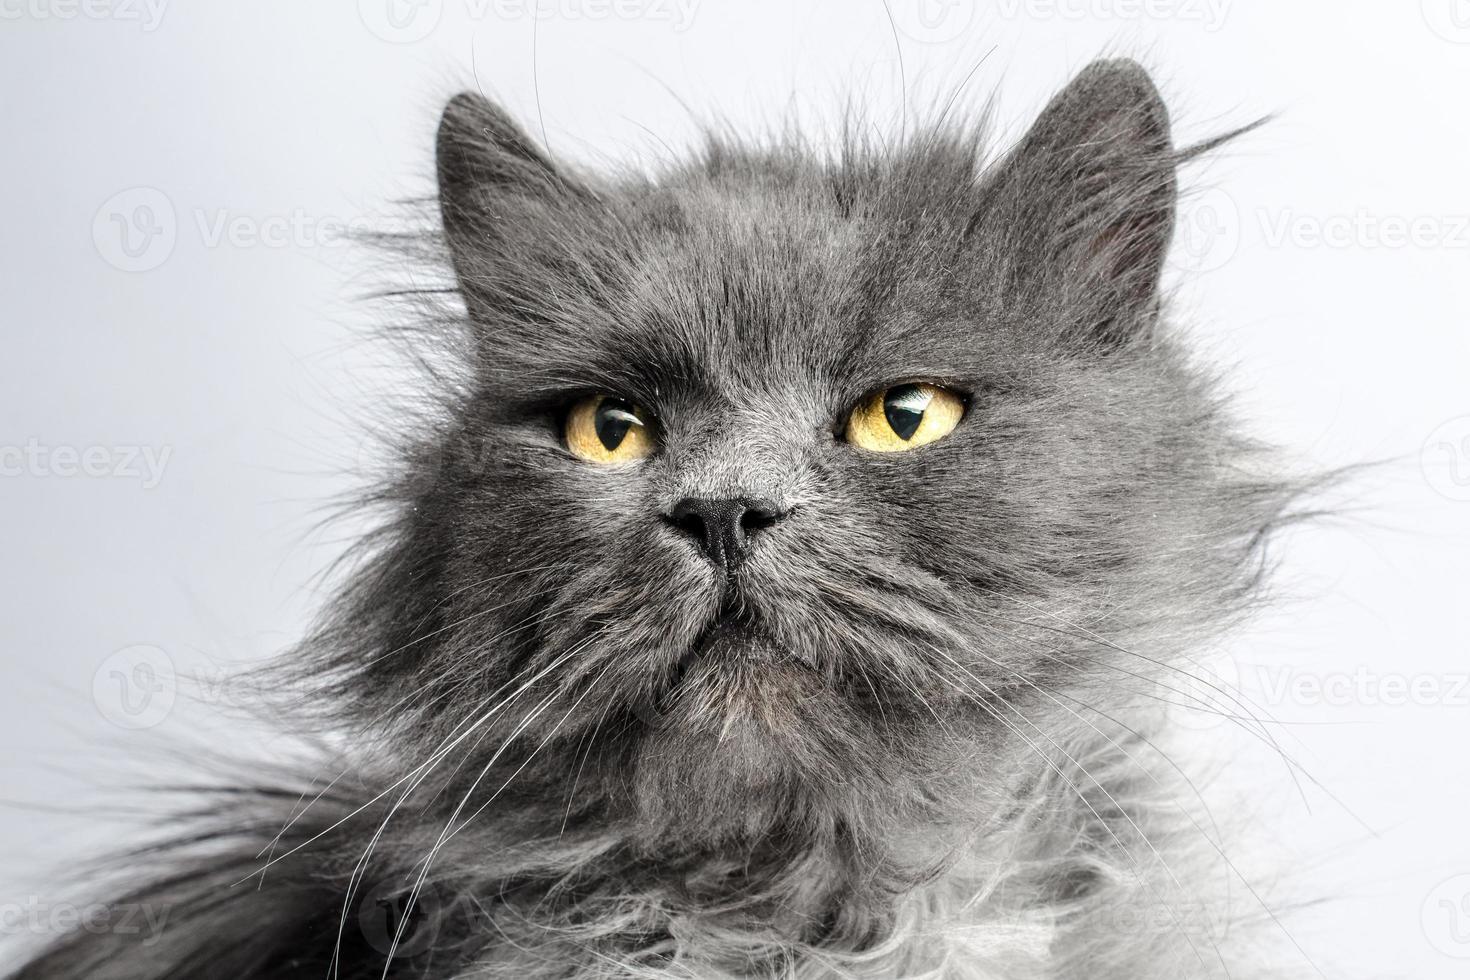 chat gris aux yeux jaunes photo